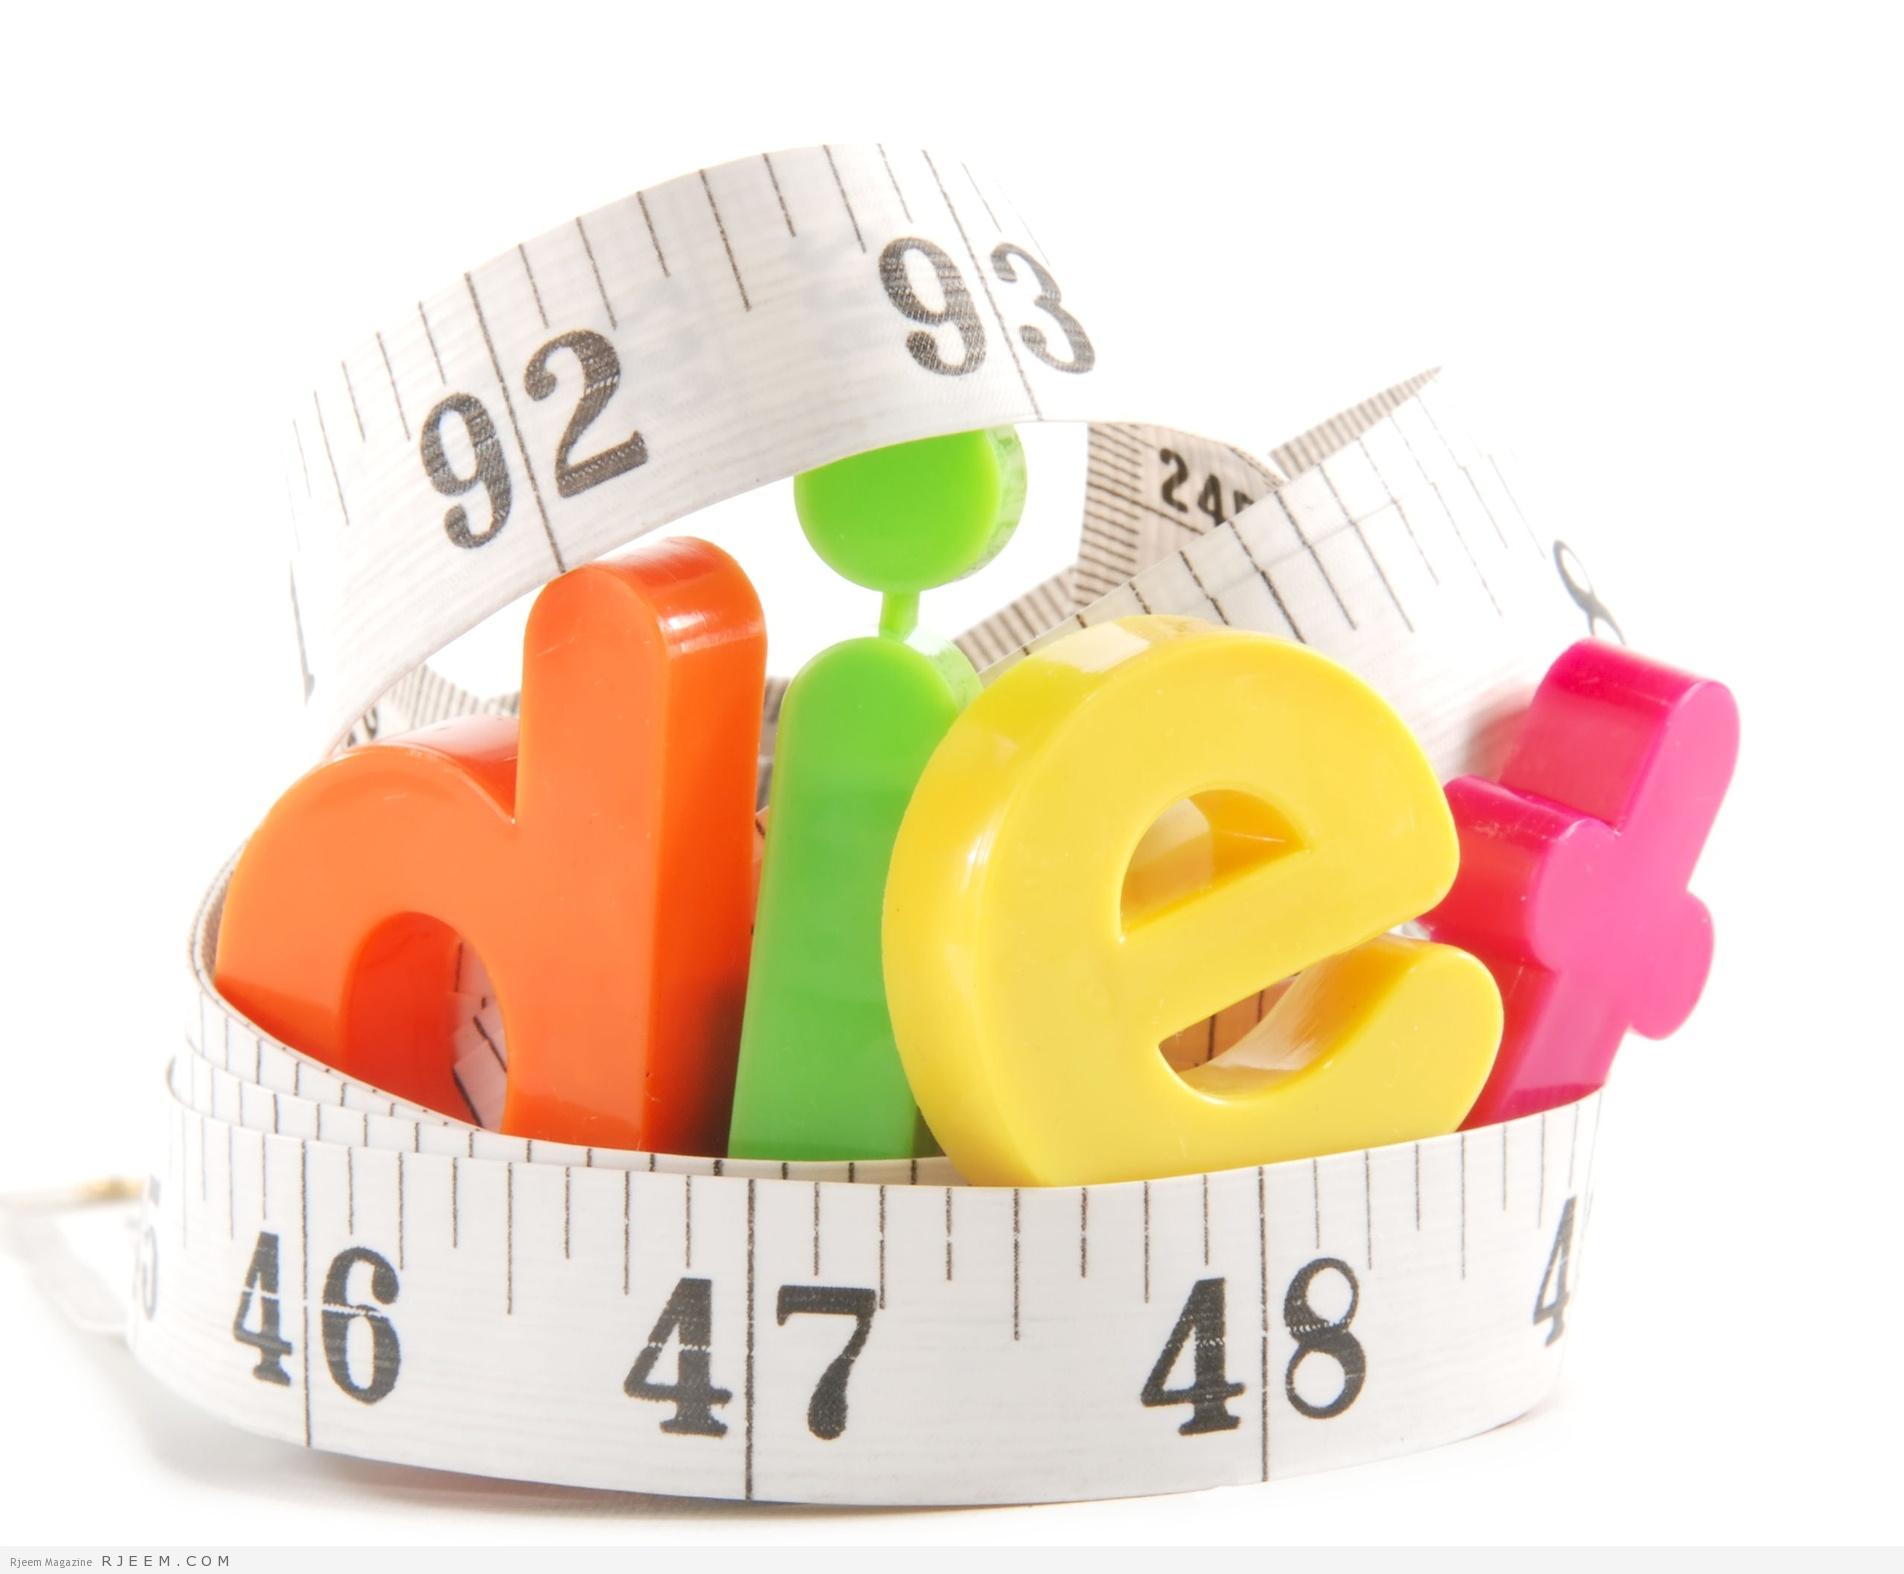 تعلم كيفية إنقاص الوزن على المدى الطويل بأبسط الحيل